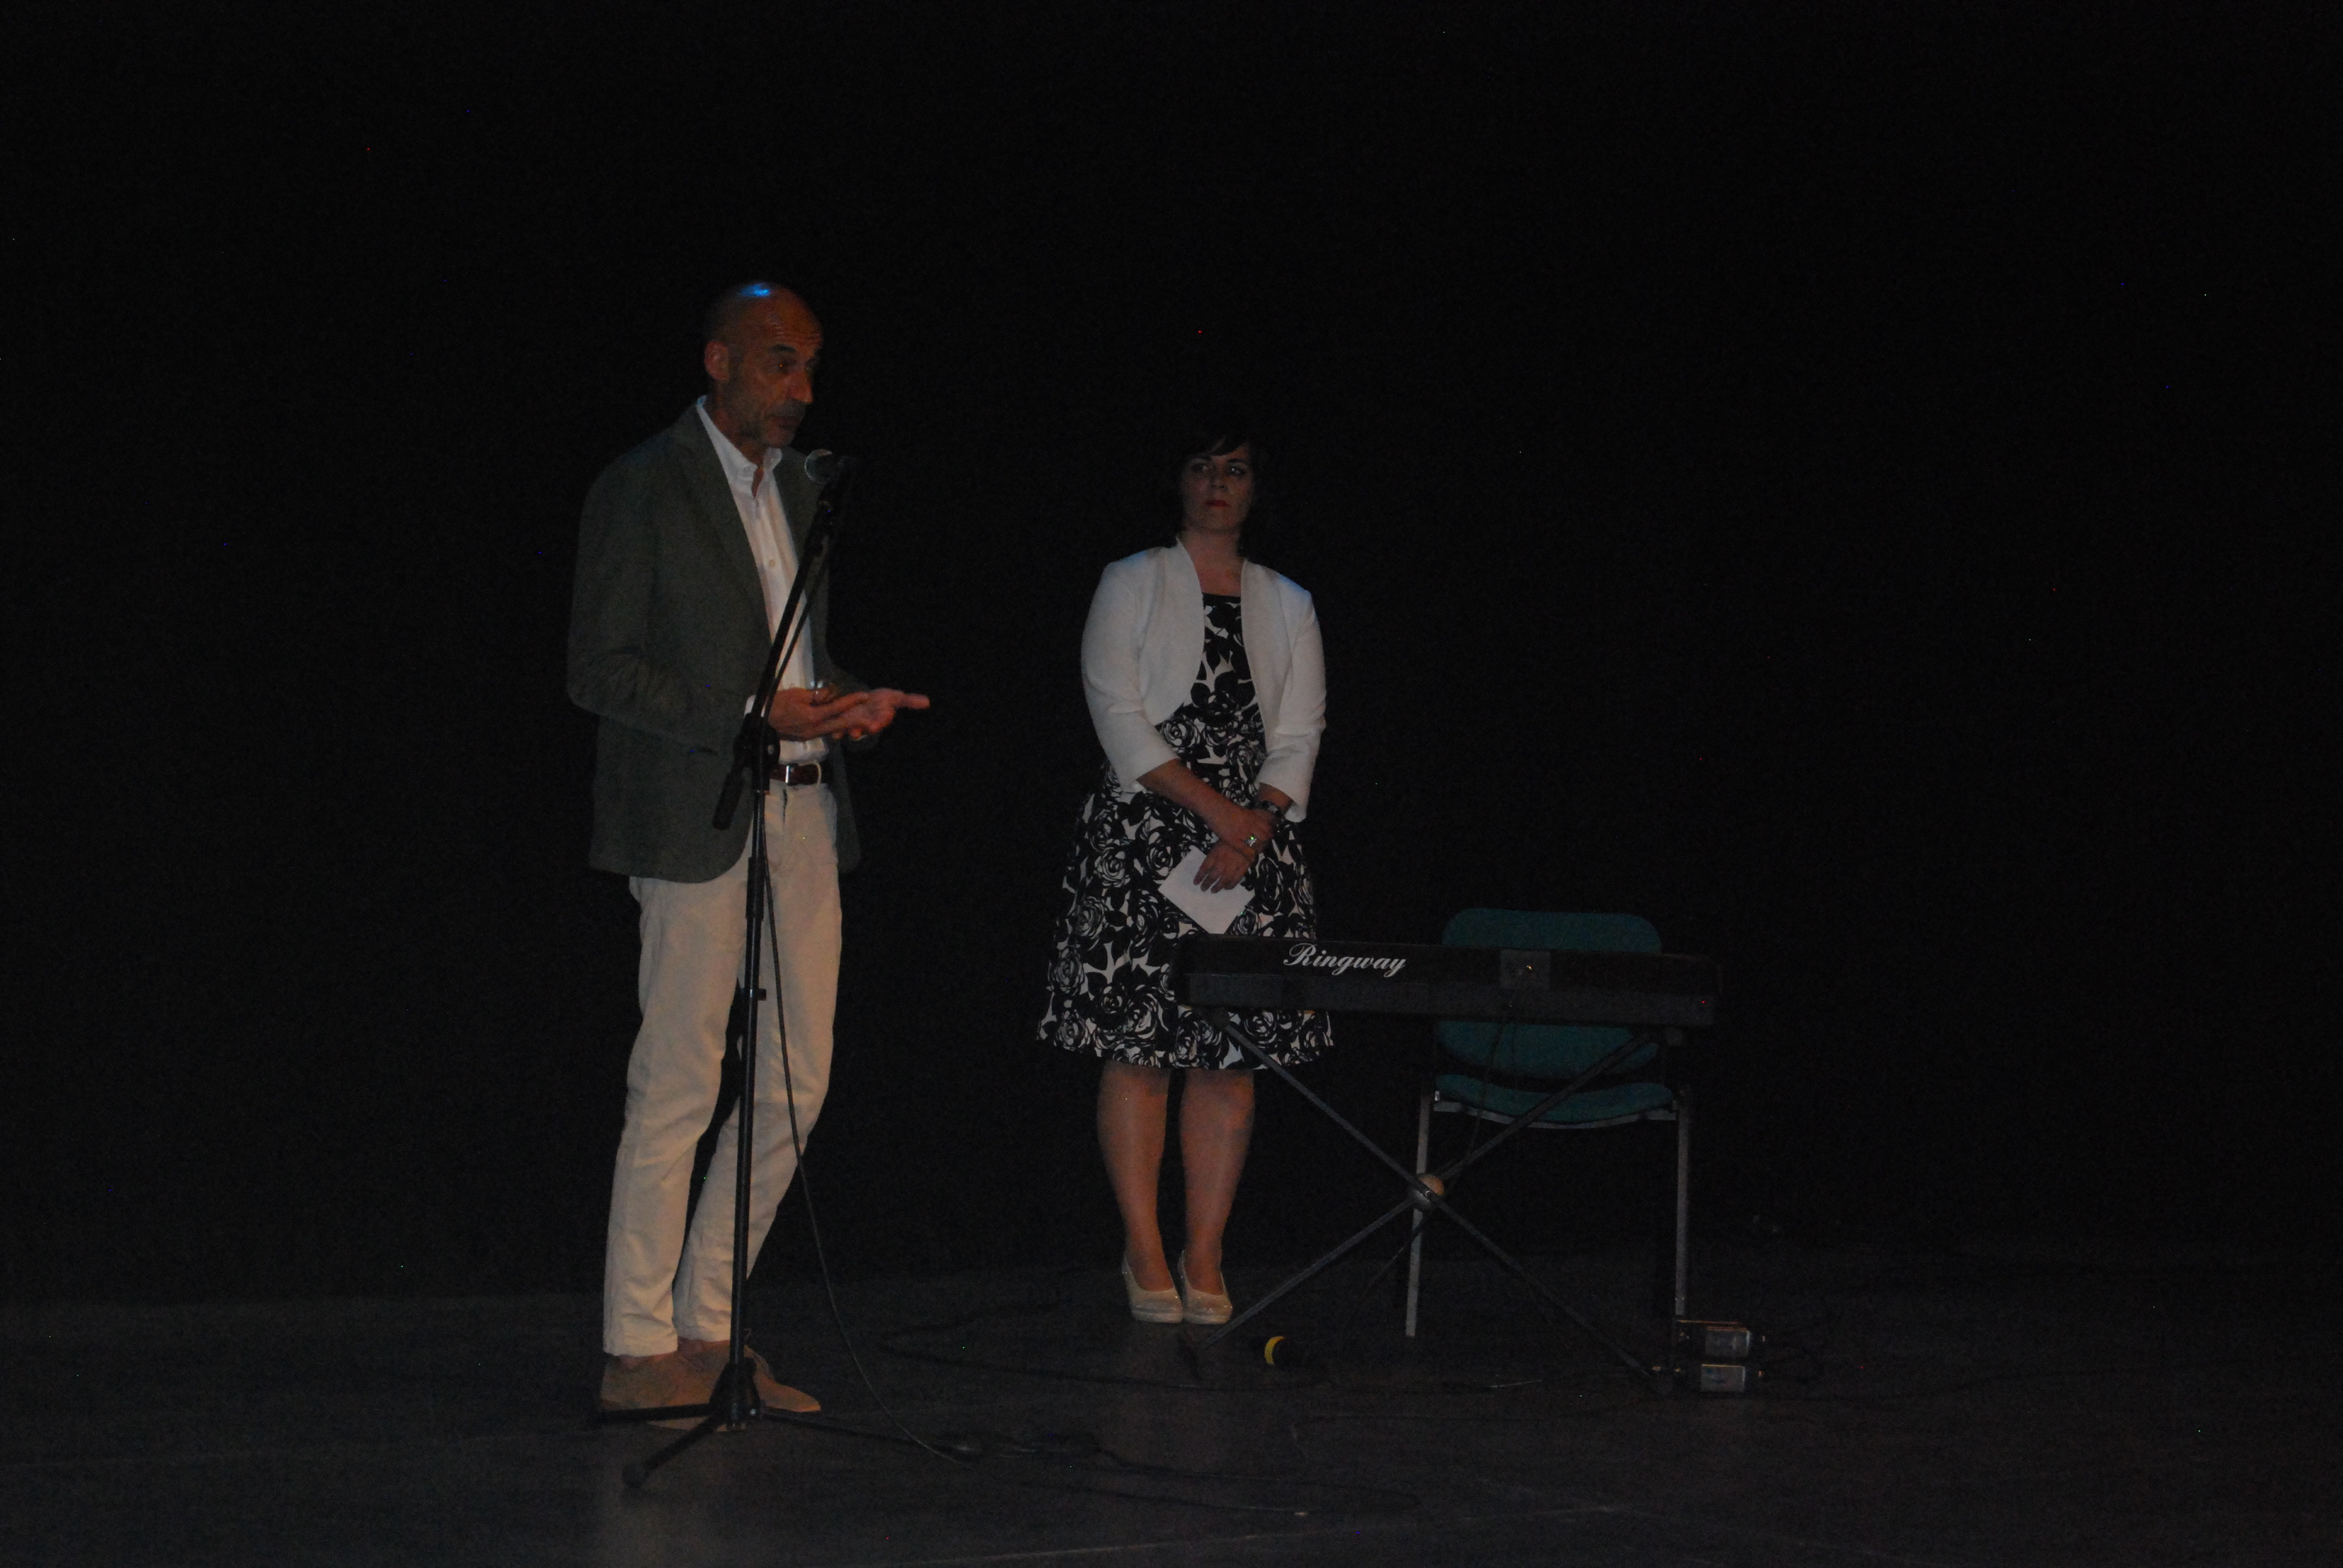 Graduación - 2º Bachillerato - Curso 2017/18 - Álbum # 5 37